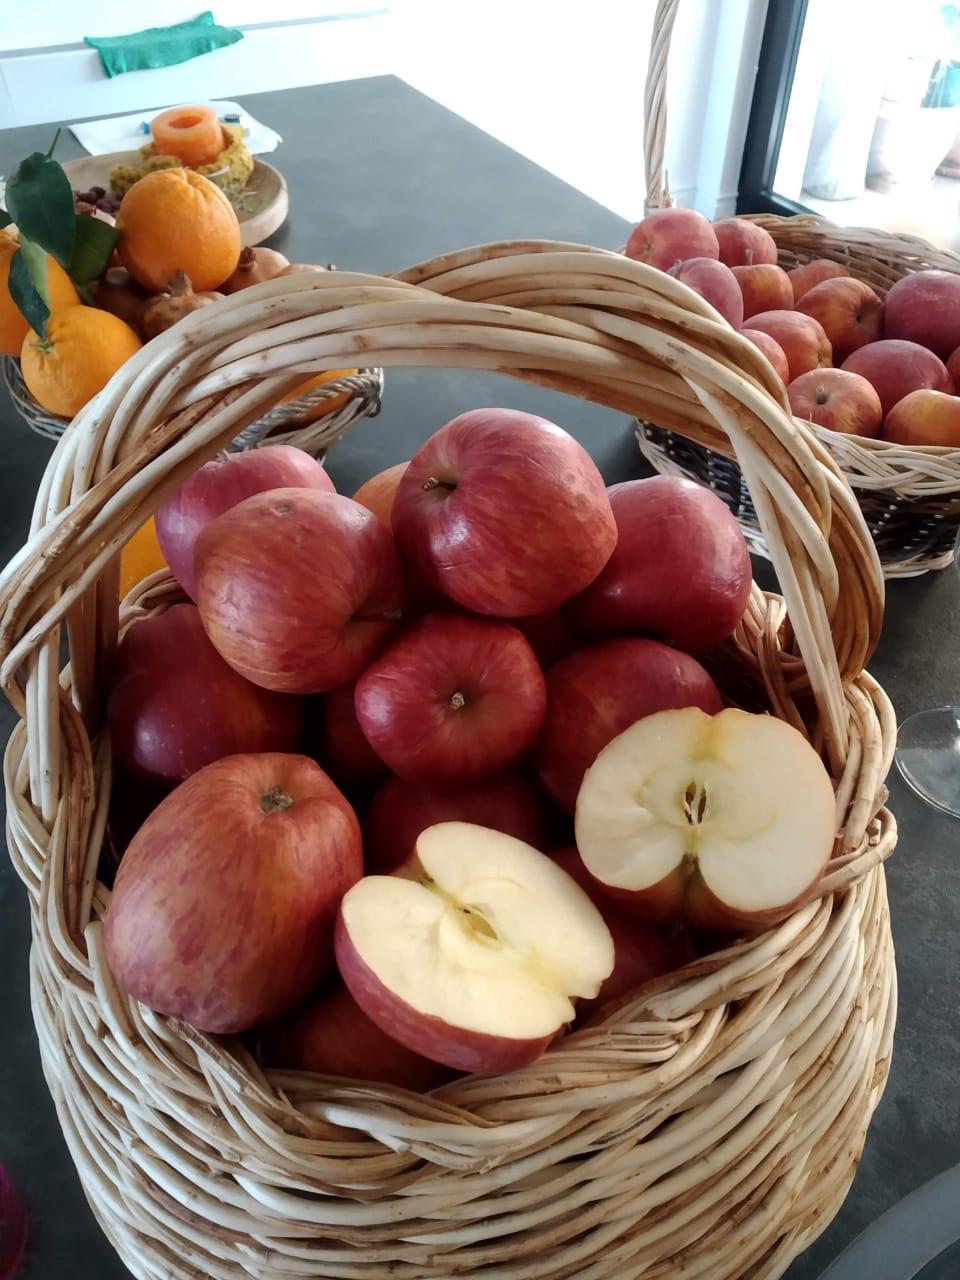 Petulla me mollë për një pasdite të këndshme me fëmijët